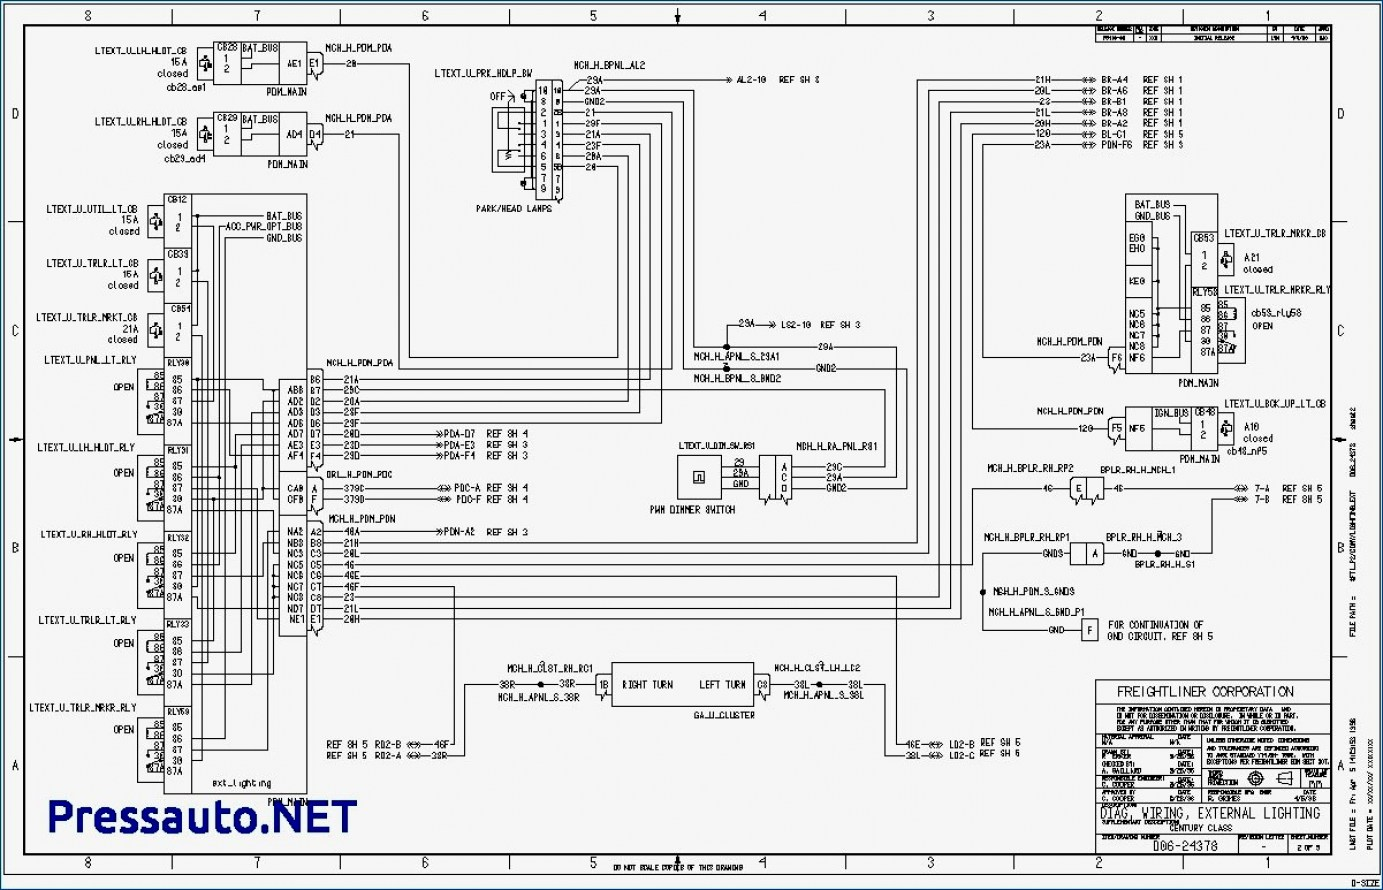 freightliner cascadia wiring diagram - 1995 kawasaki 900 zxi ignition  diagram wiring schematic list data schematic  santuariomadredelbuonconsiglio.it